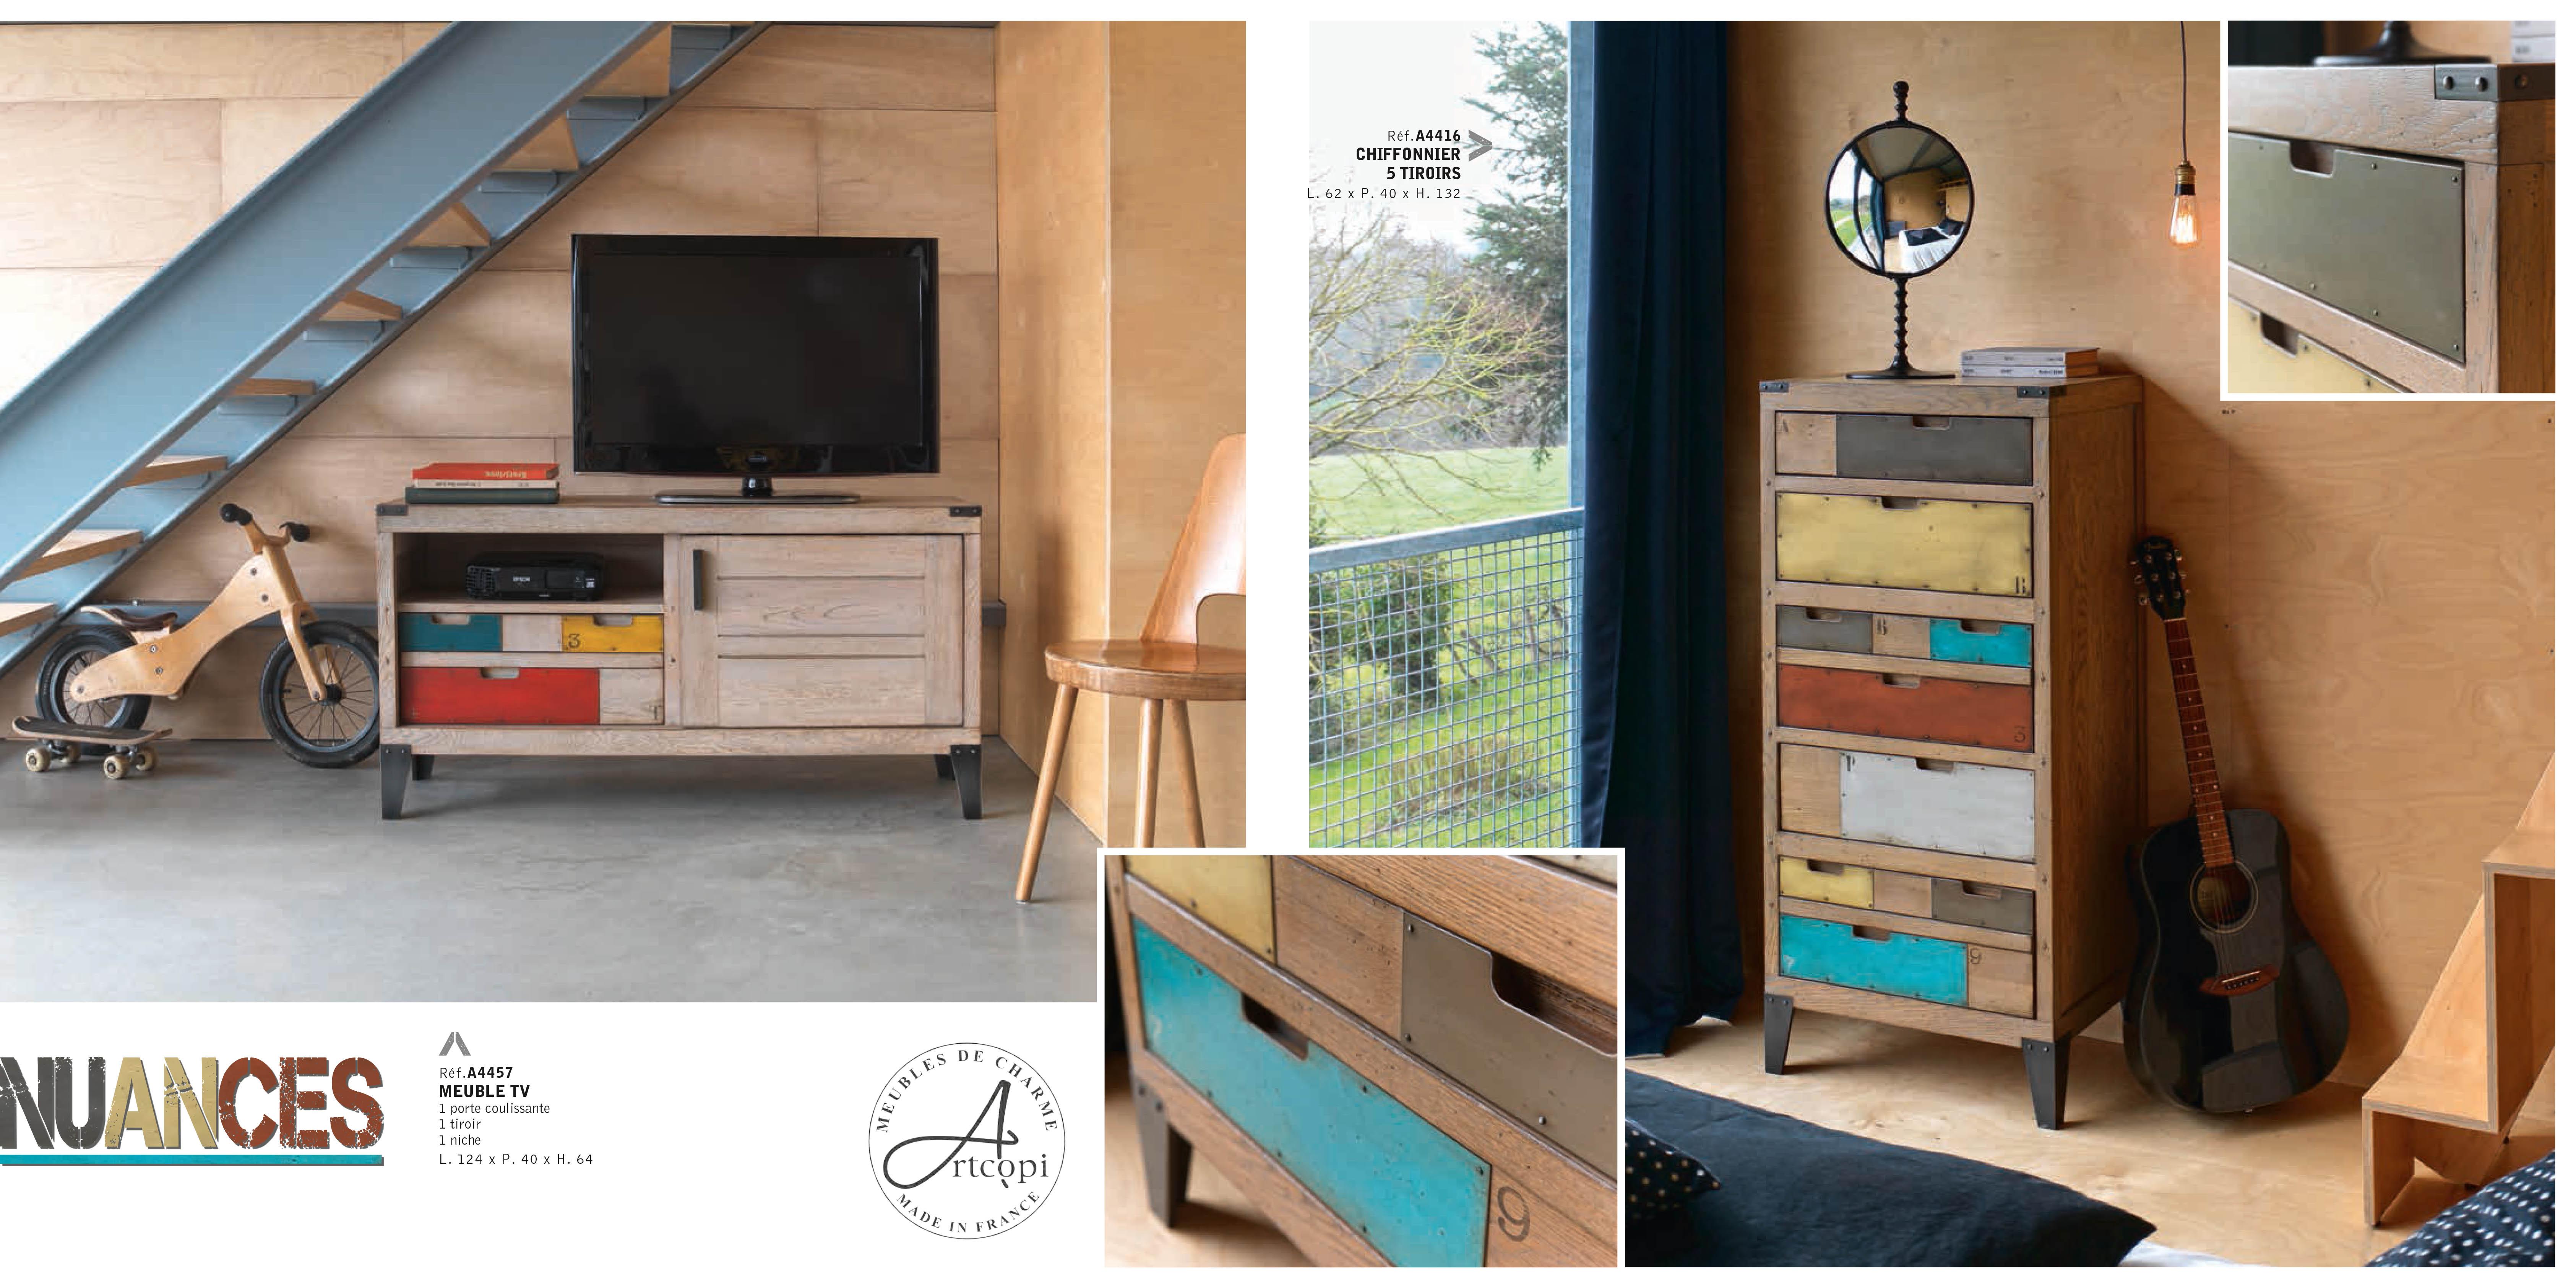 ol ron meubles nuances ol ron meubles. Black Bedroom Furniture Sets. Home Design Ideas